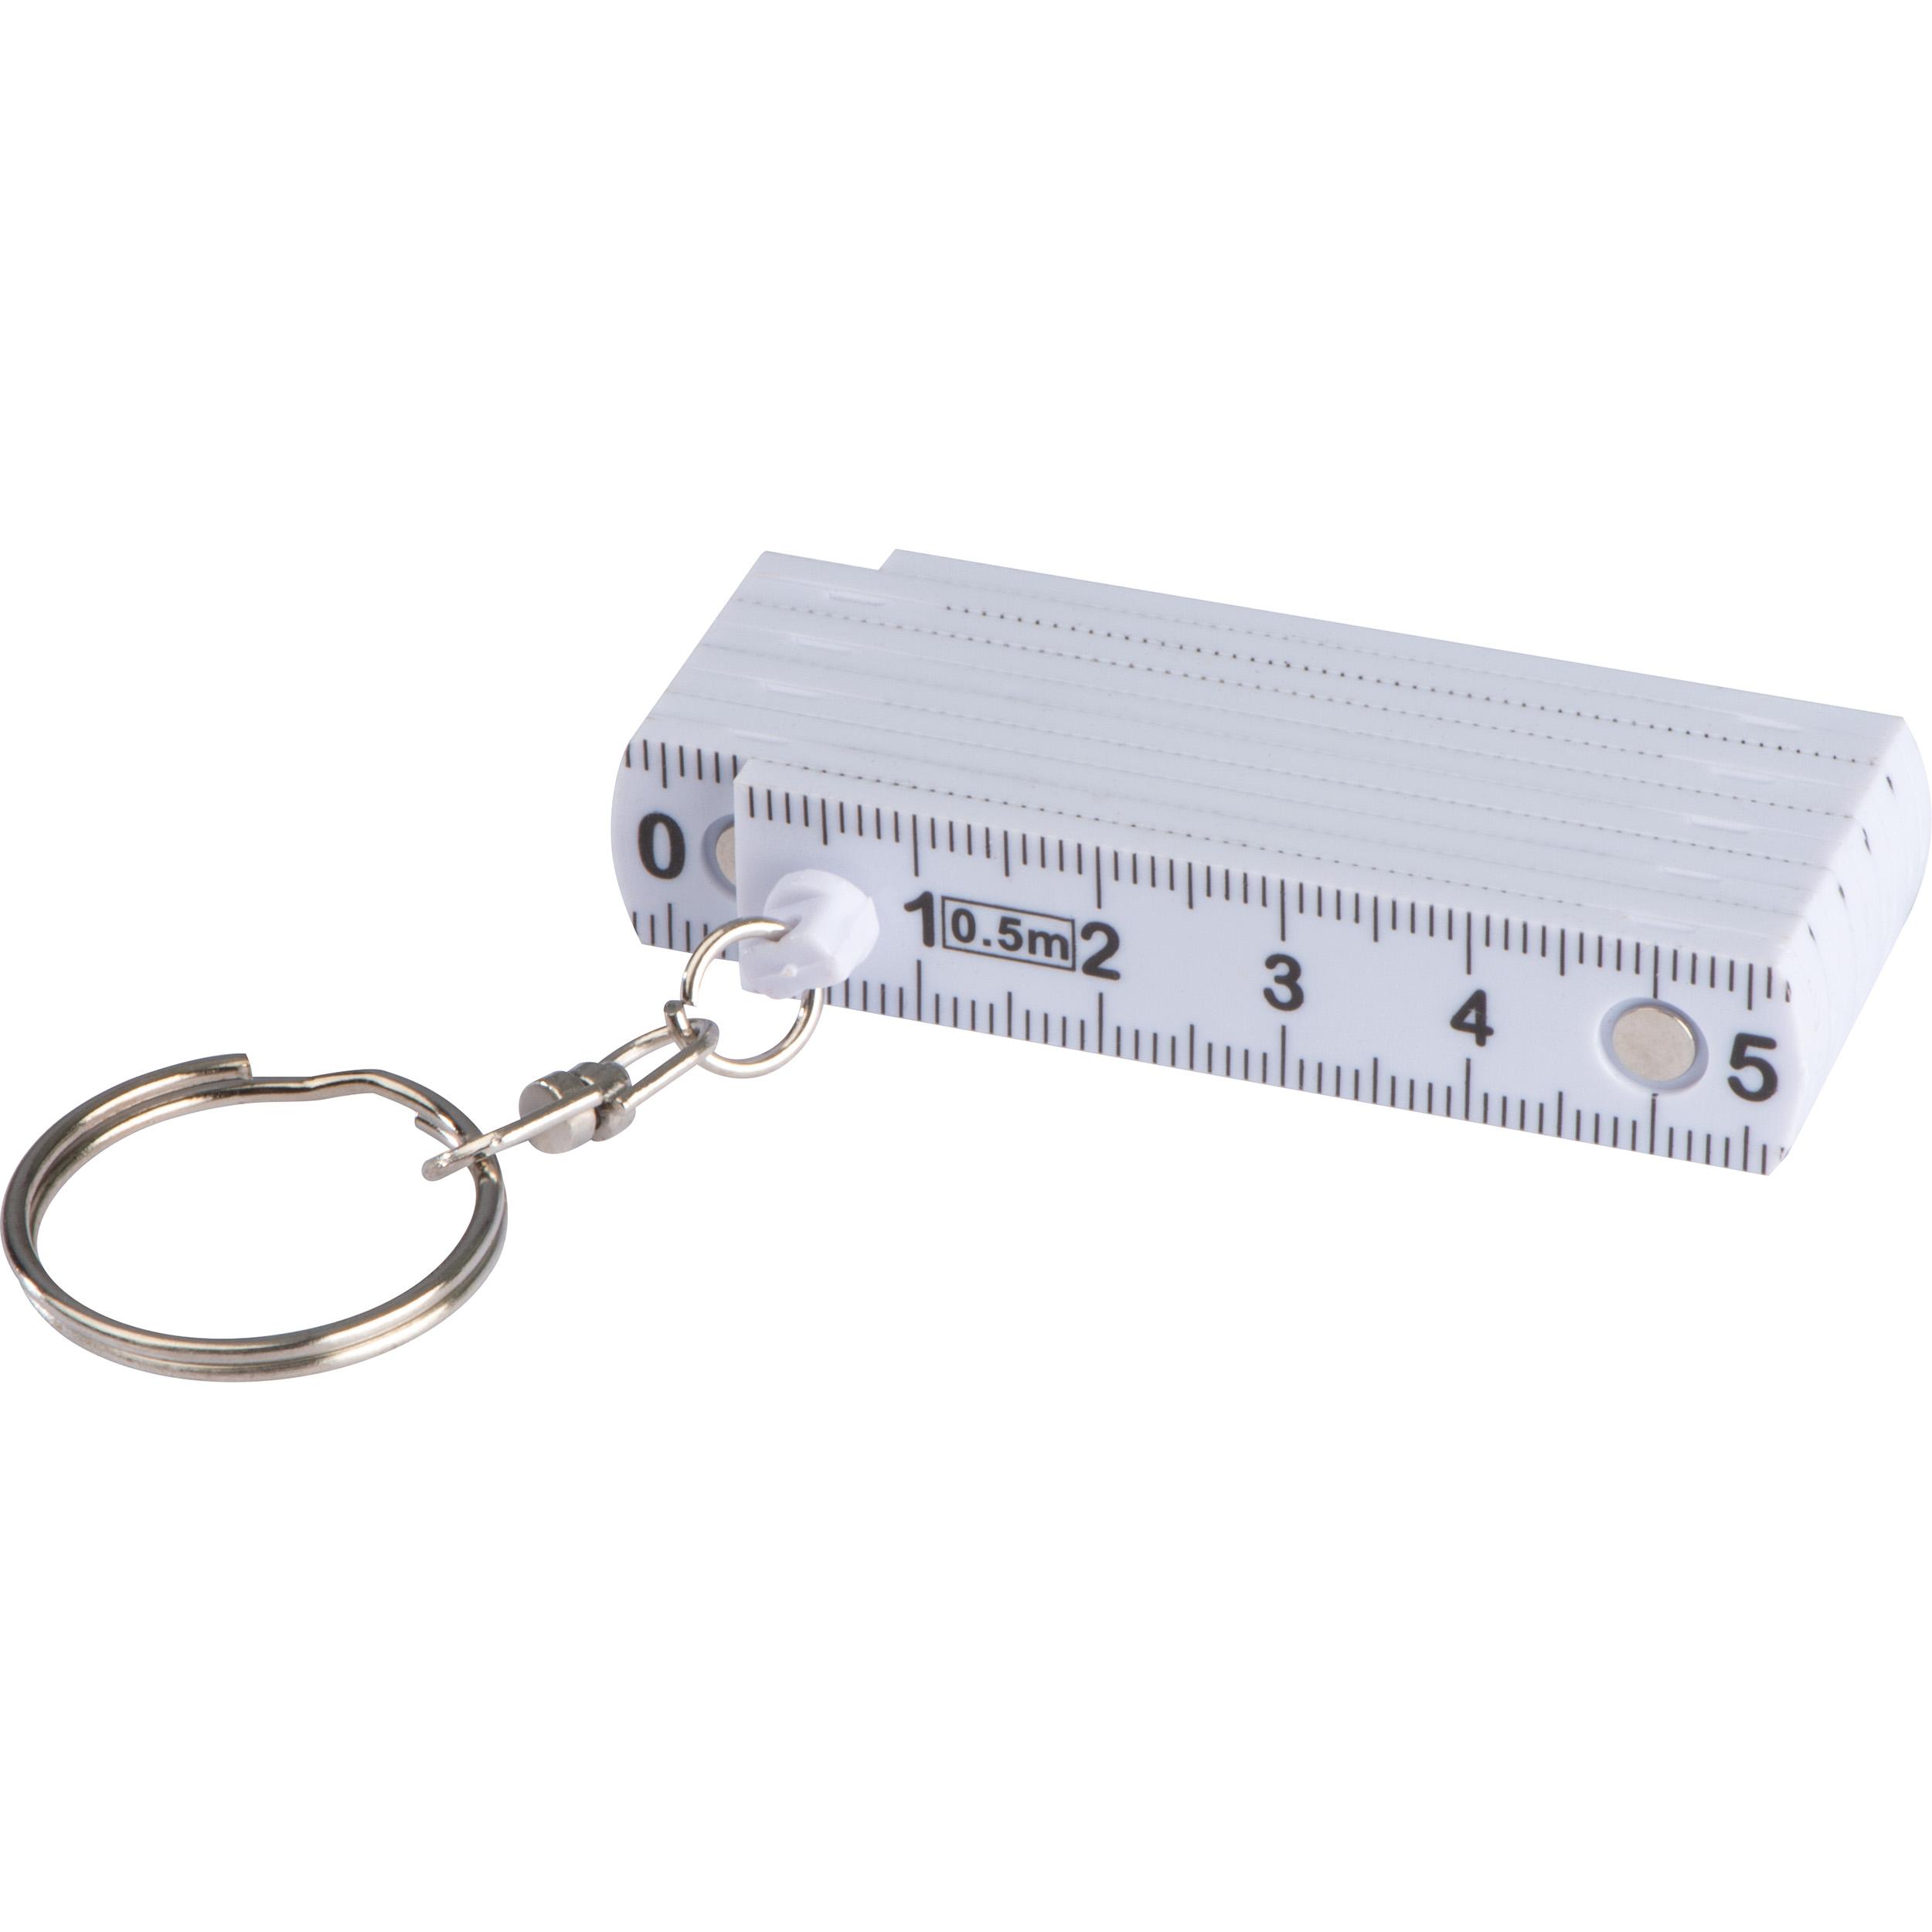 Keyring with folding ruler